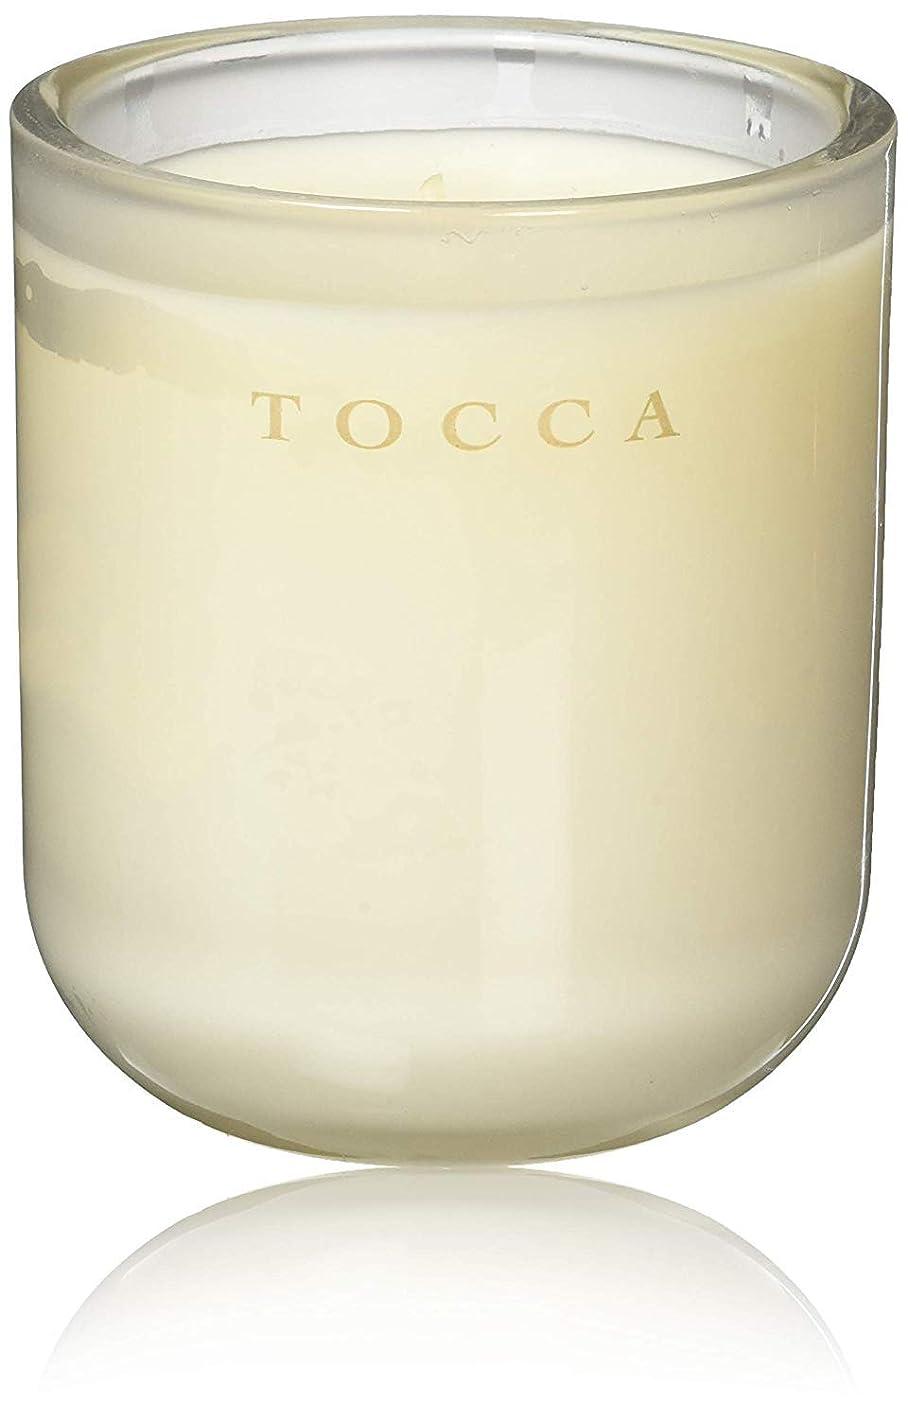 晴れ篭高揚したTOCCA(トッカ) ボヤージュ キャンドル カプリ 287g (ろうそく 芳香 柑橘とメロンの魅惑なシトラスな香り)